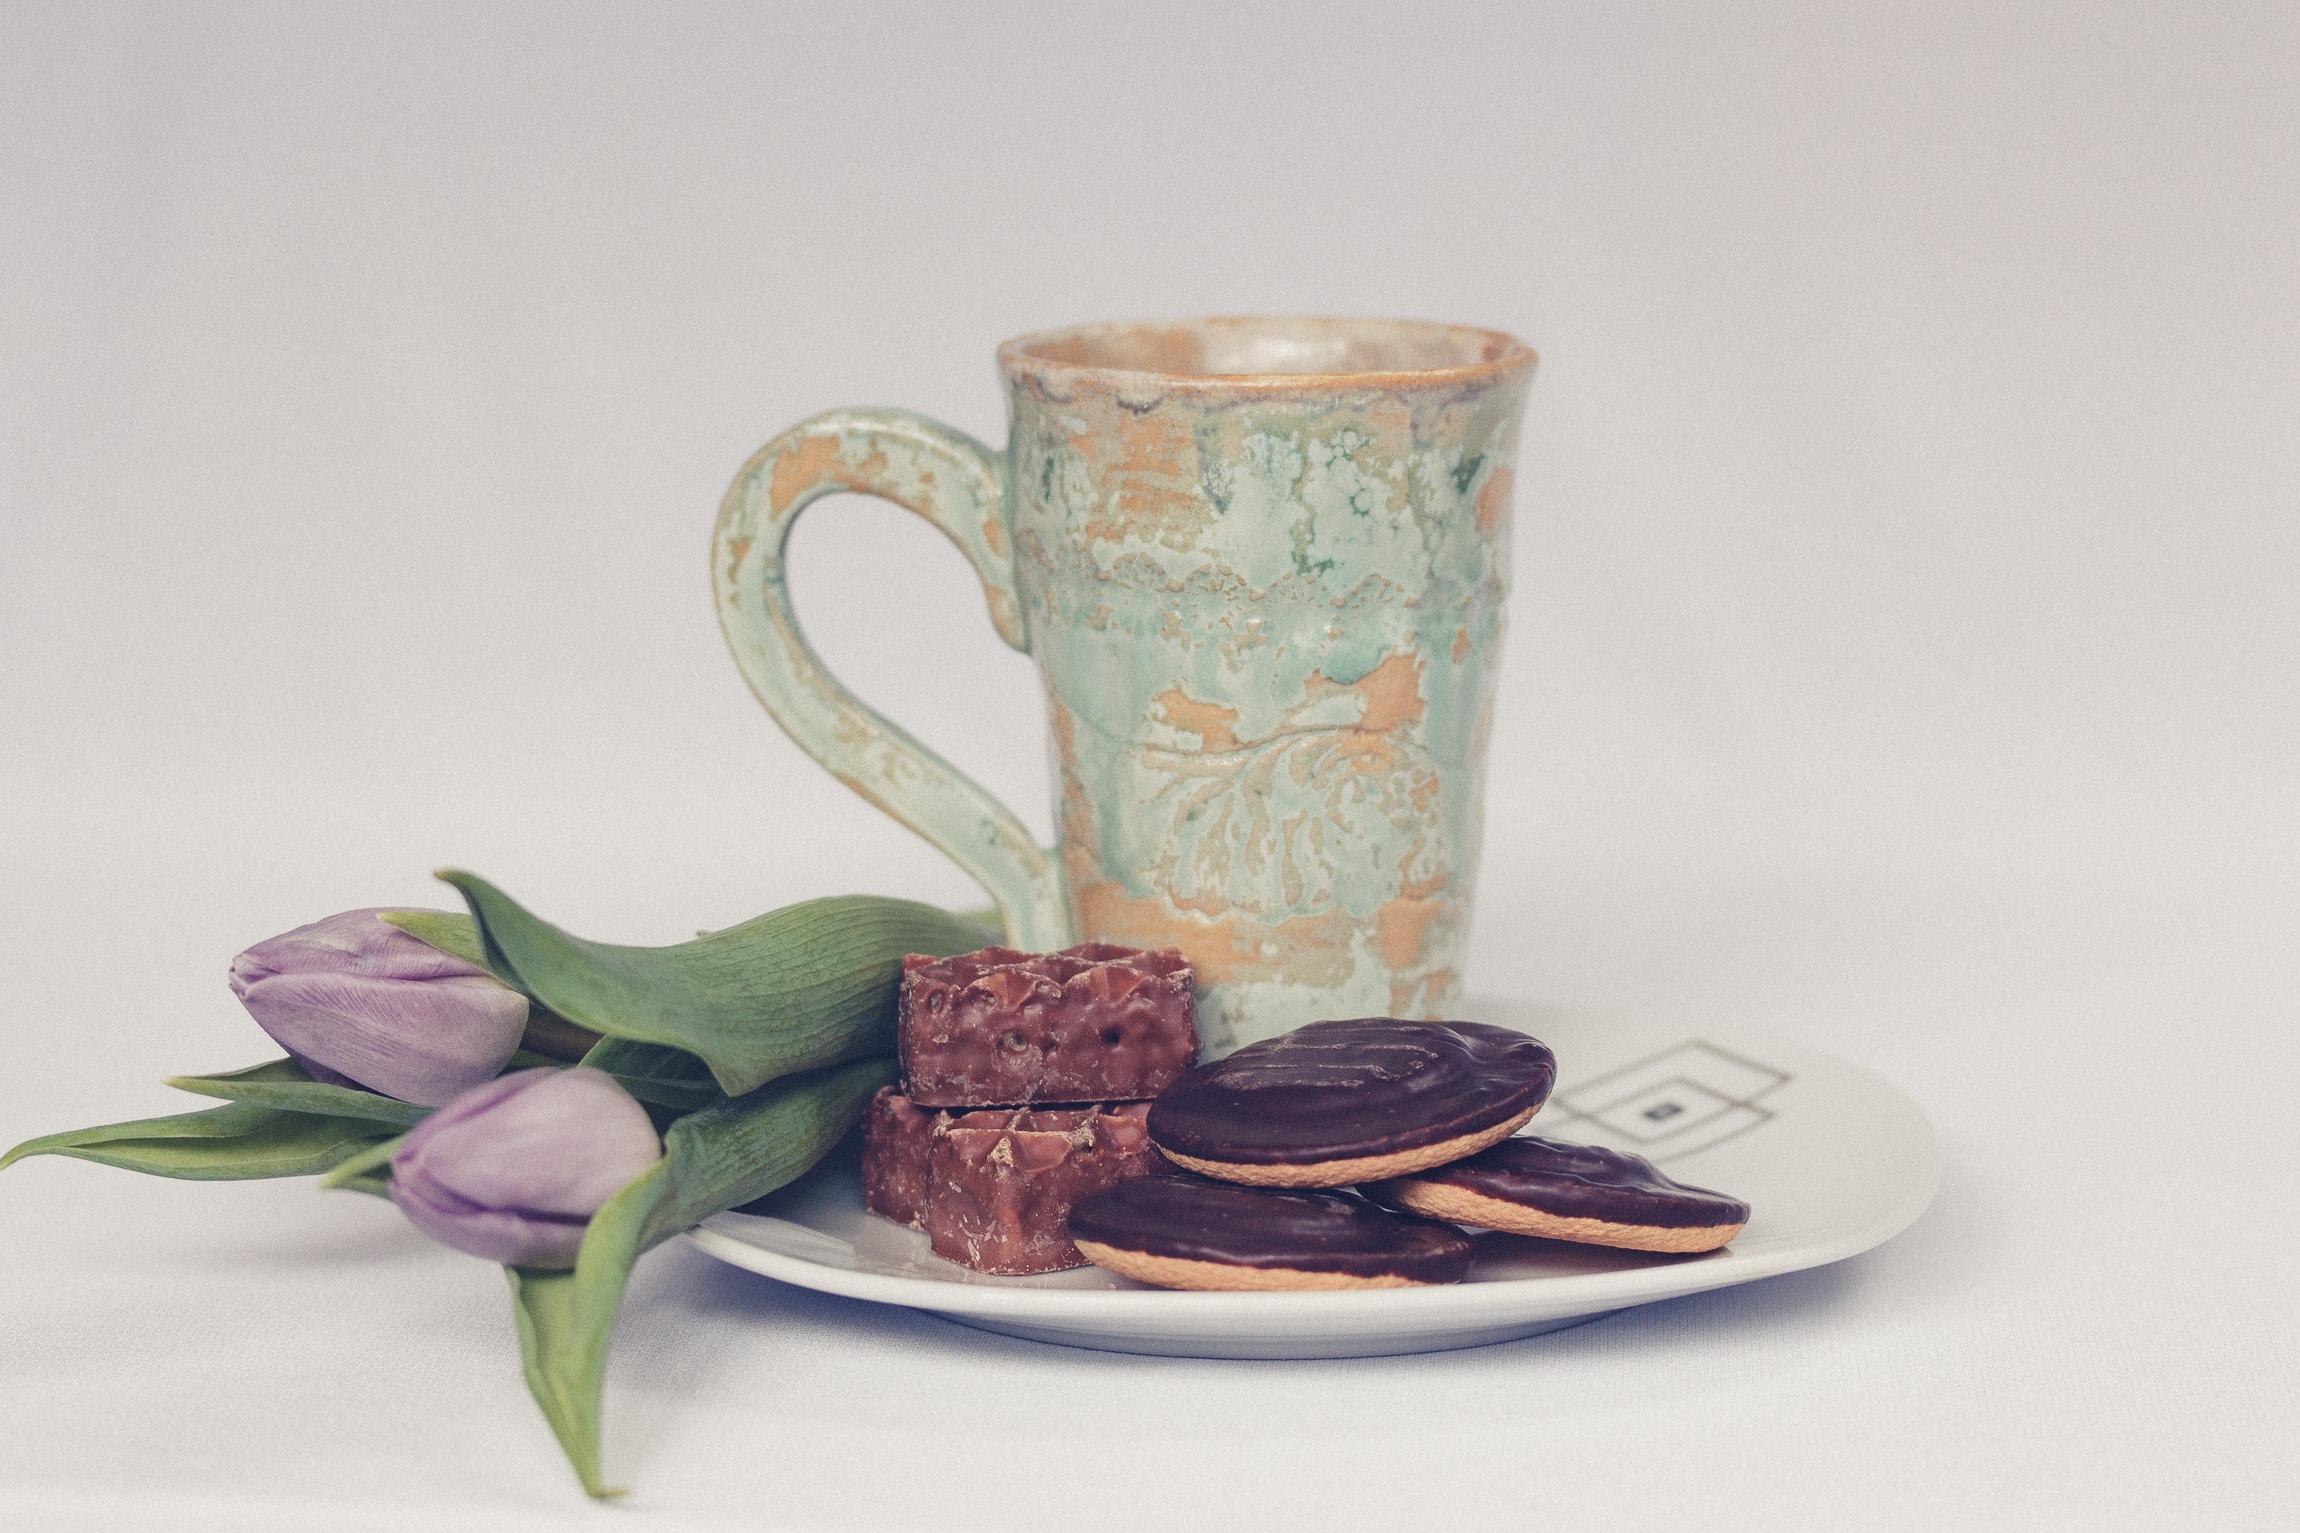 cookies beside ceramic mug